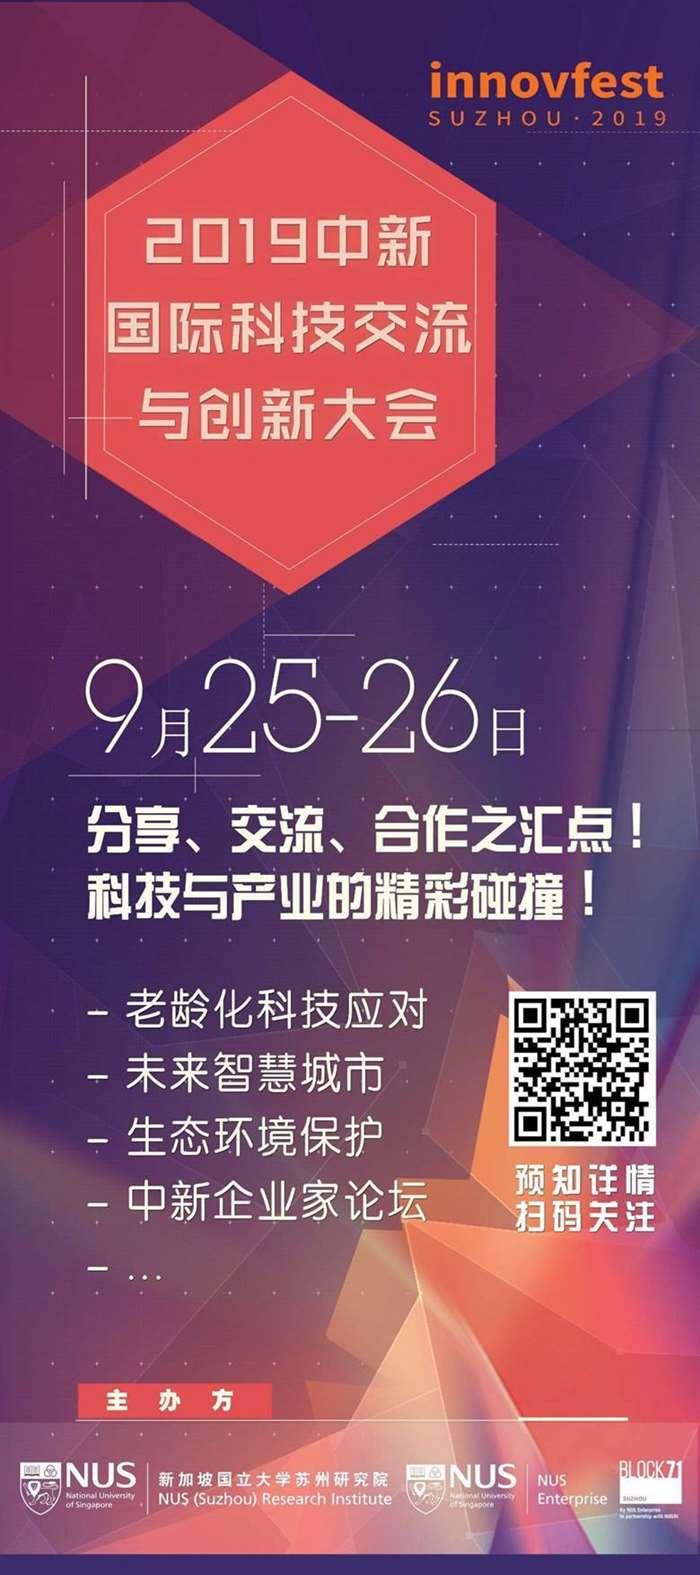 中文版宣传海报.jpg